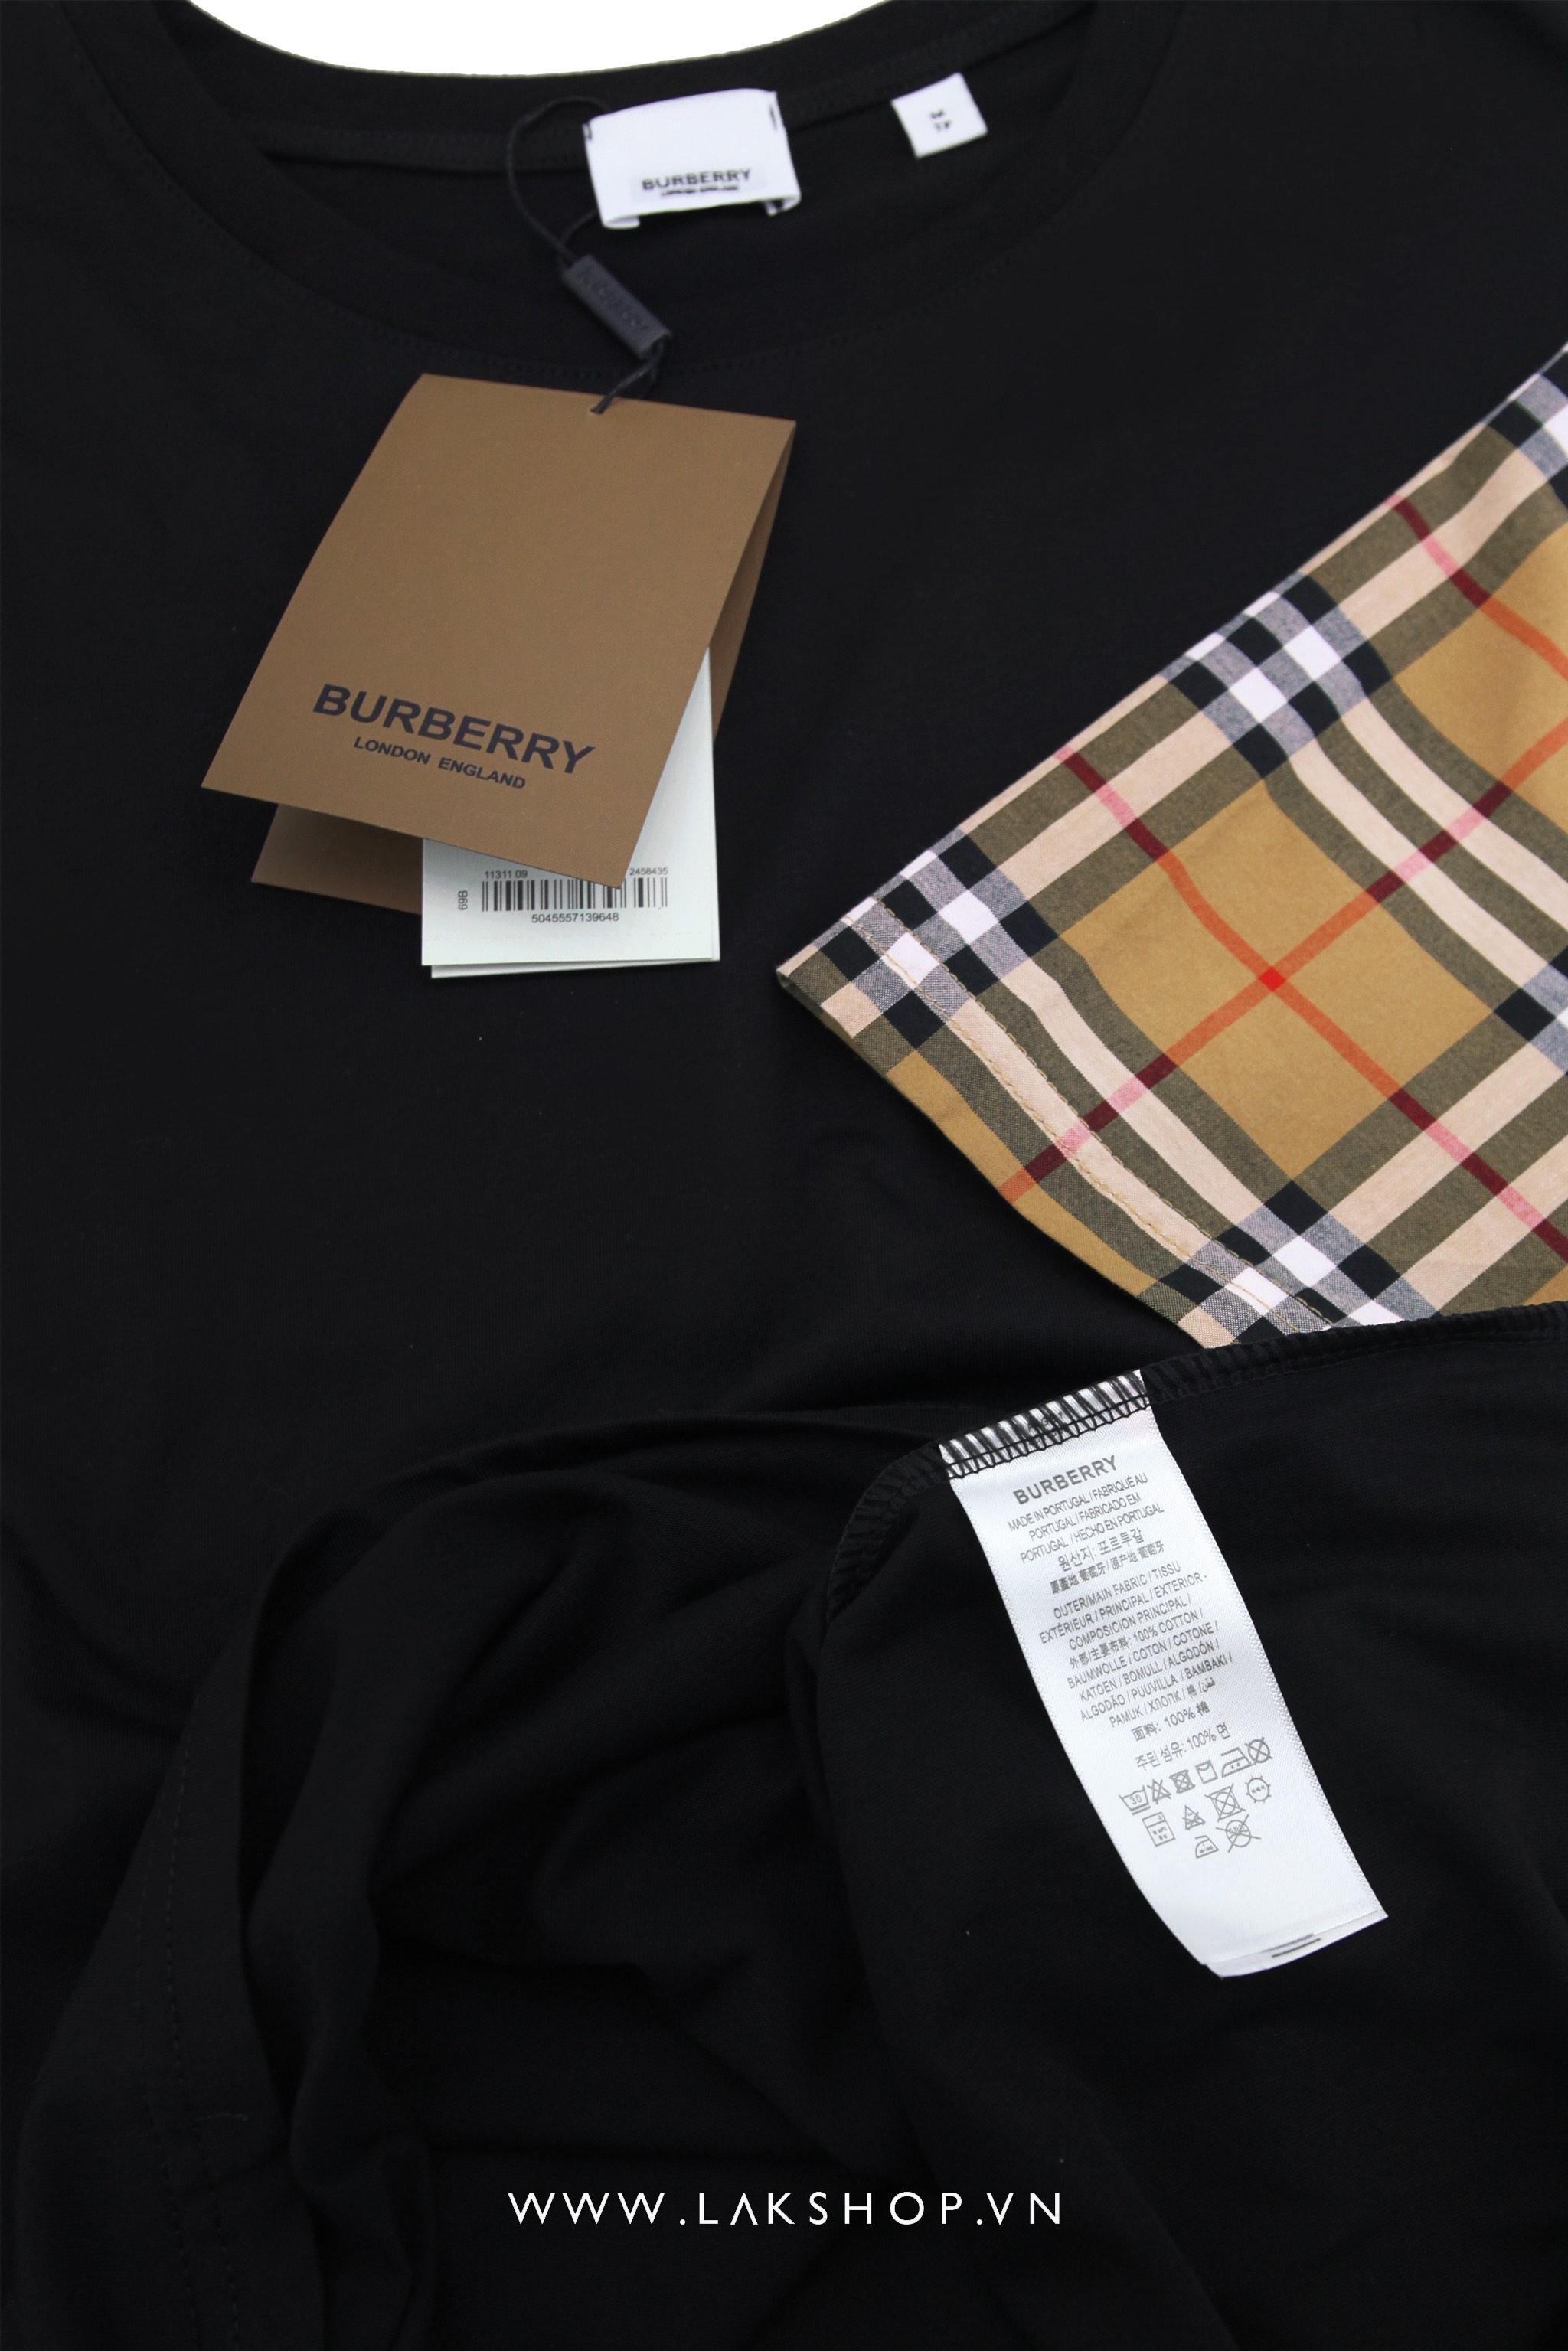 Burberry Checked Sleeves Black T-shirt (Bản đẹp) cv1